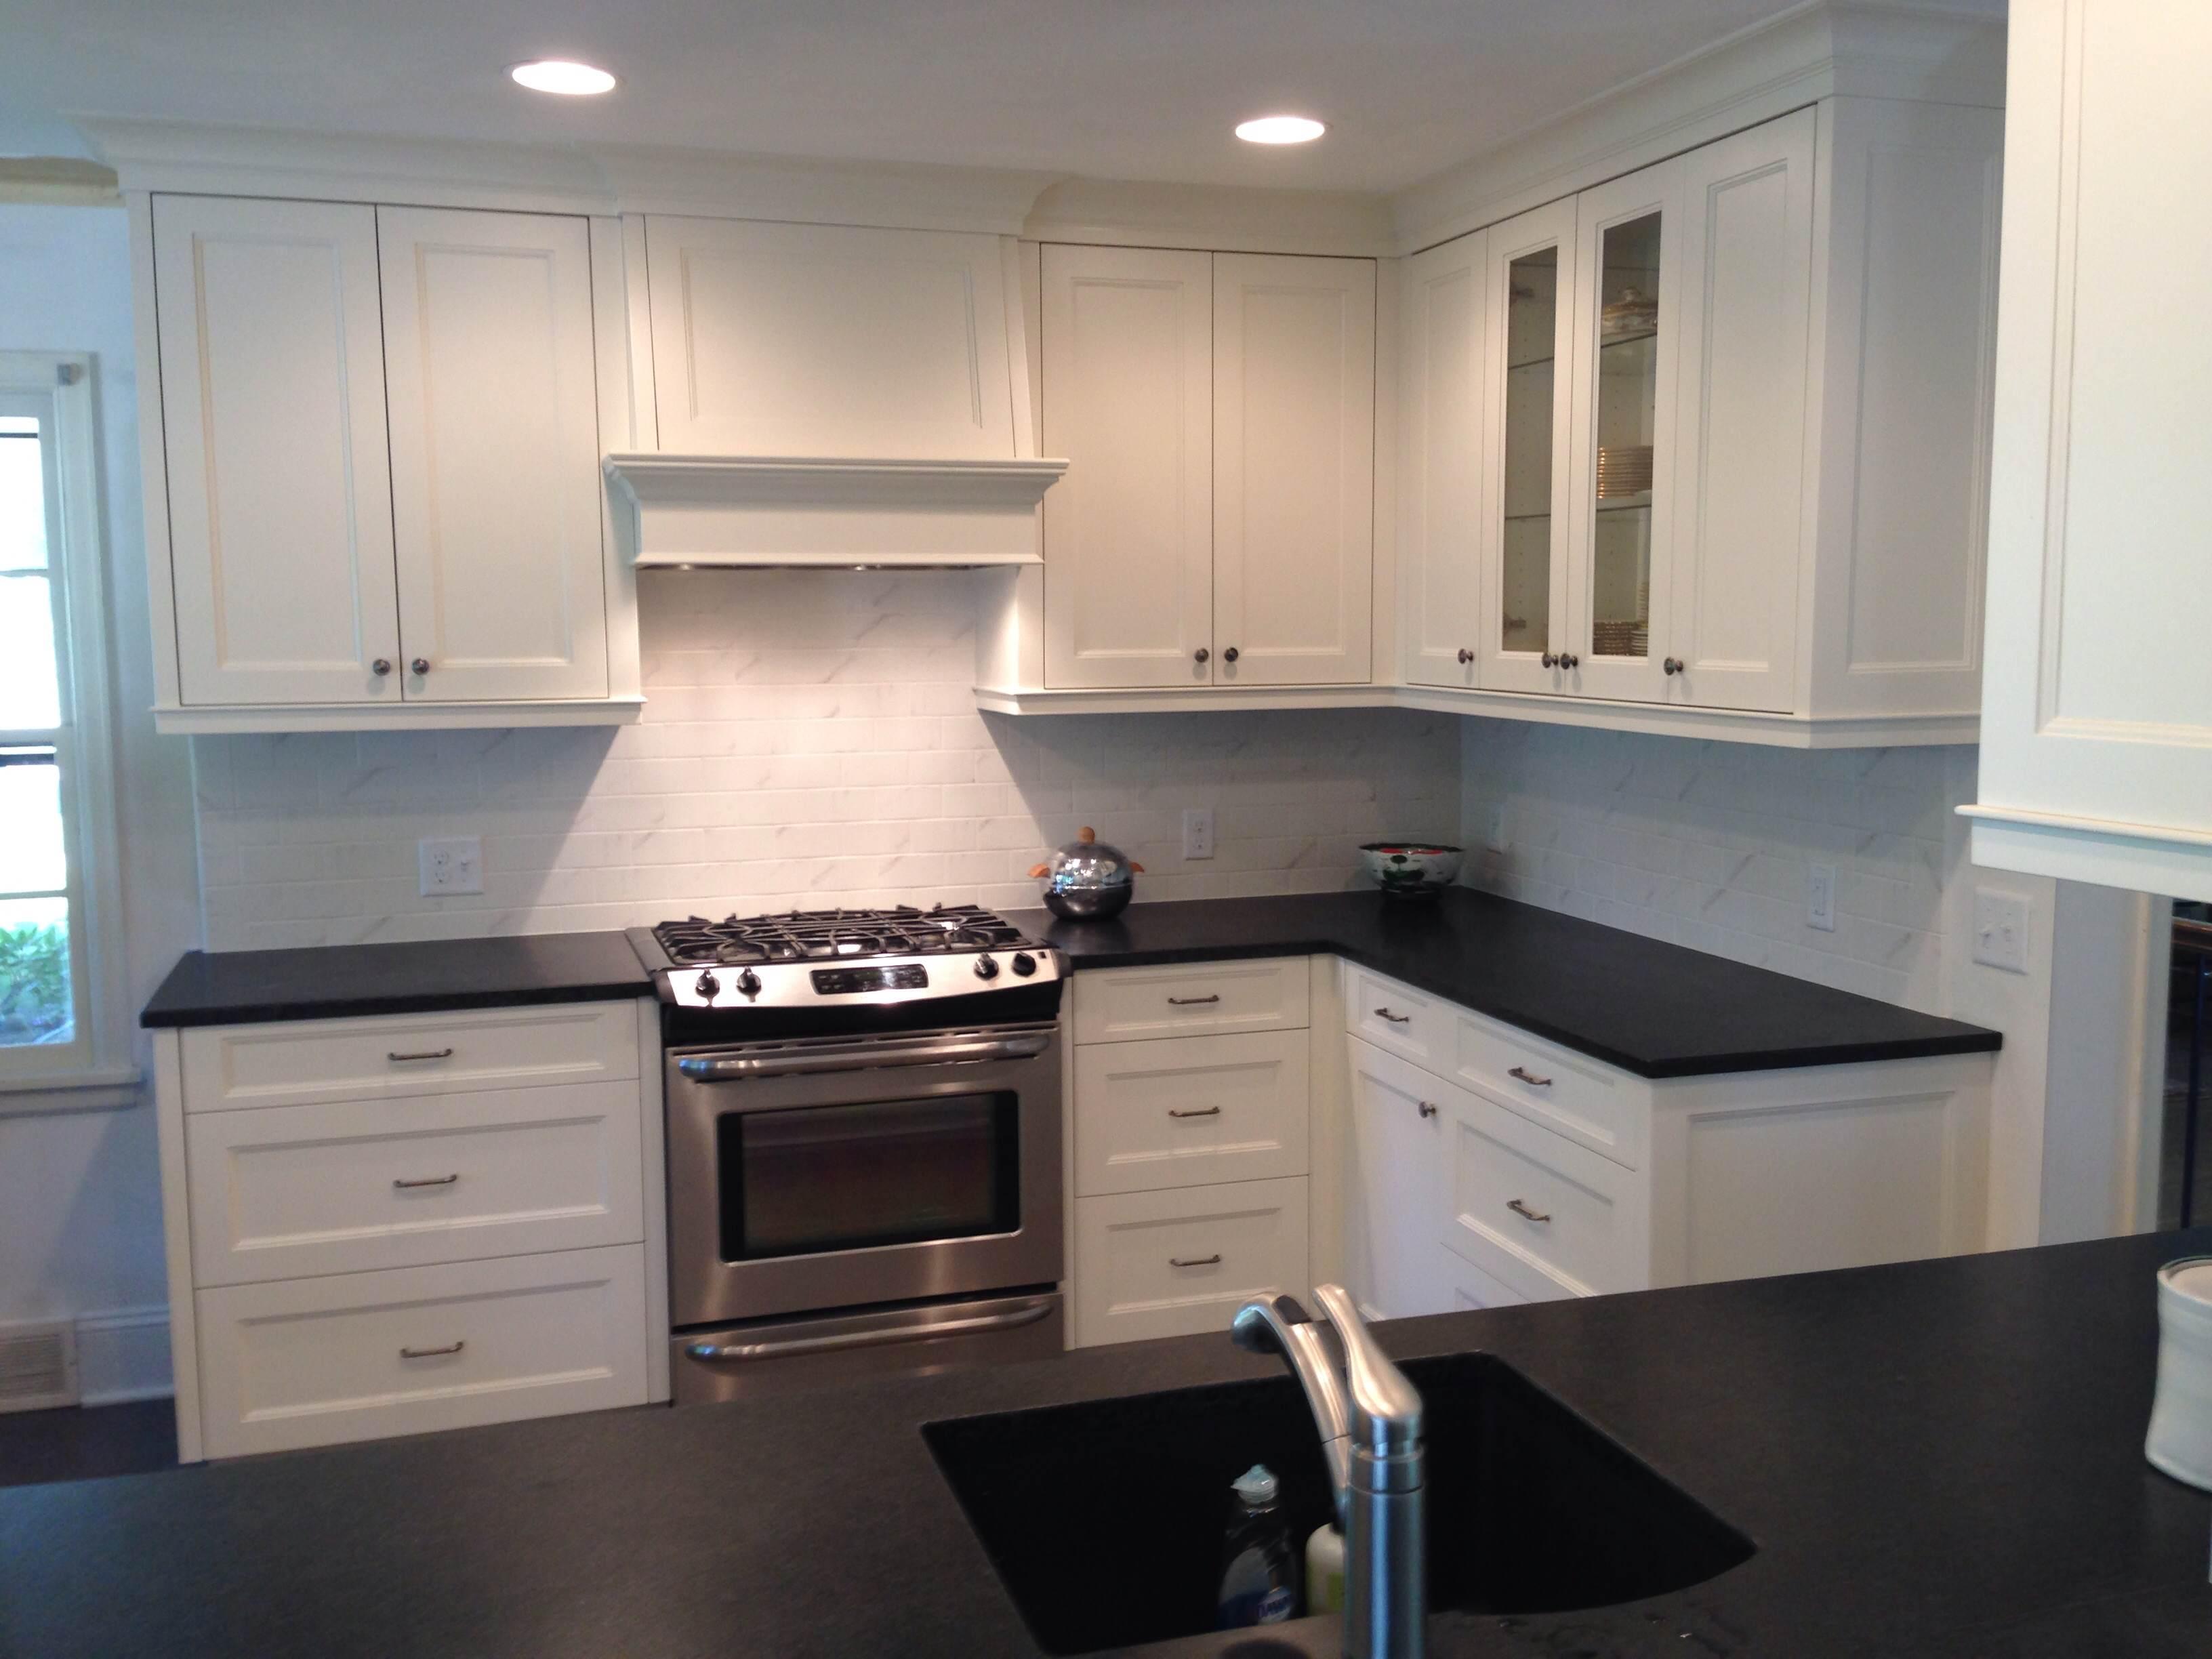 Kitchen Remodel, granite contertops, white cabinets